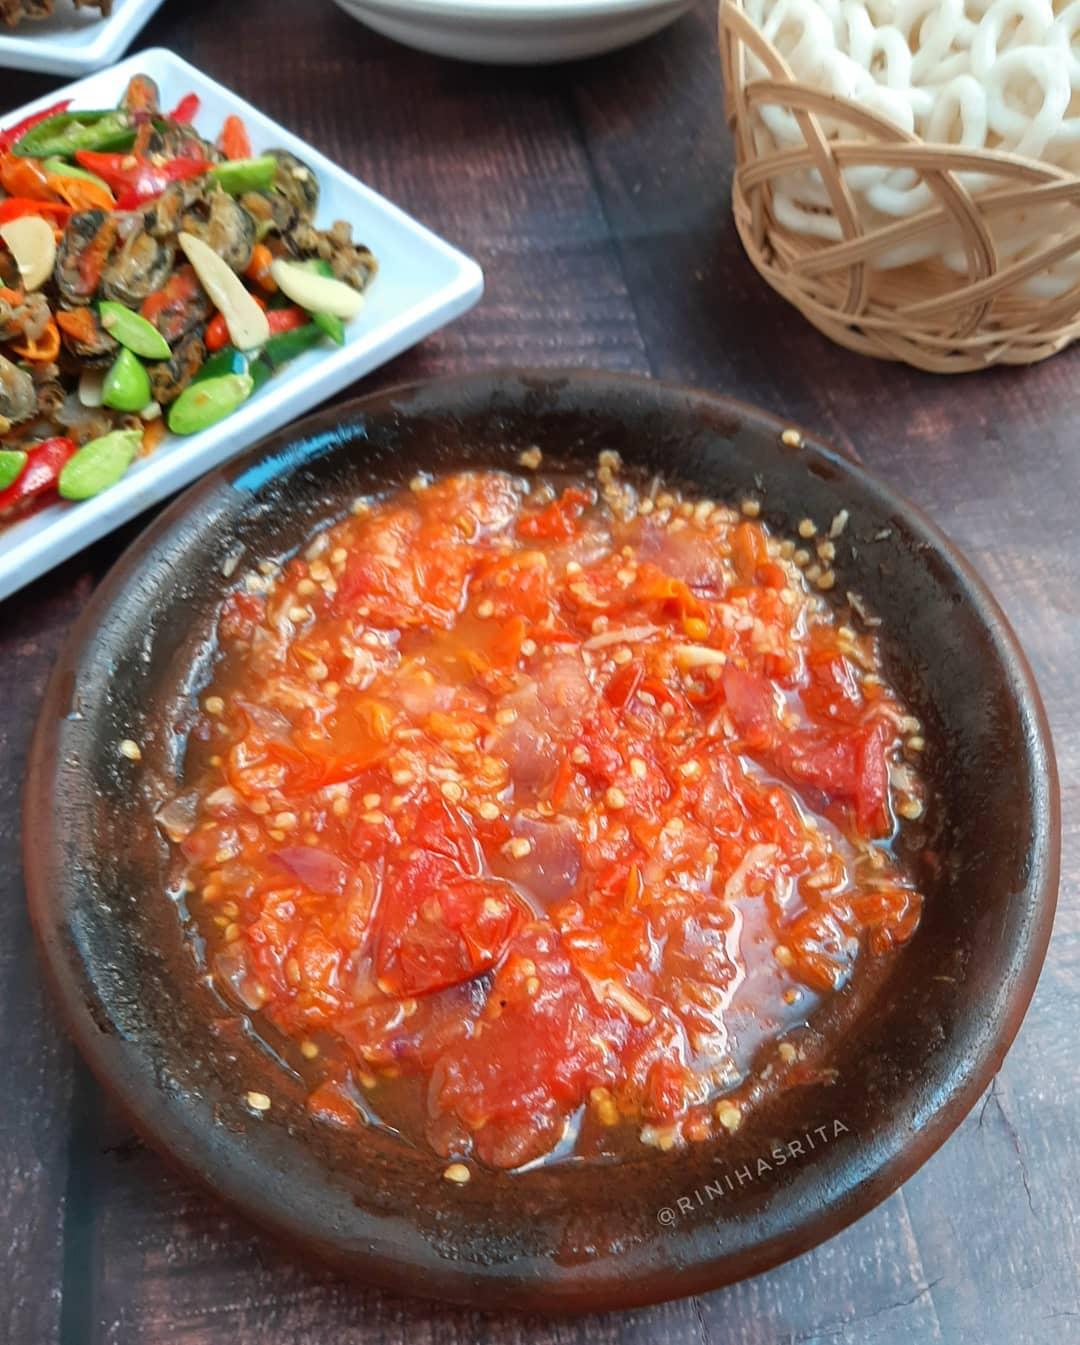 Resep Sambal Tomat Yang Bikin Makin Nafsu Makan